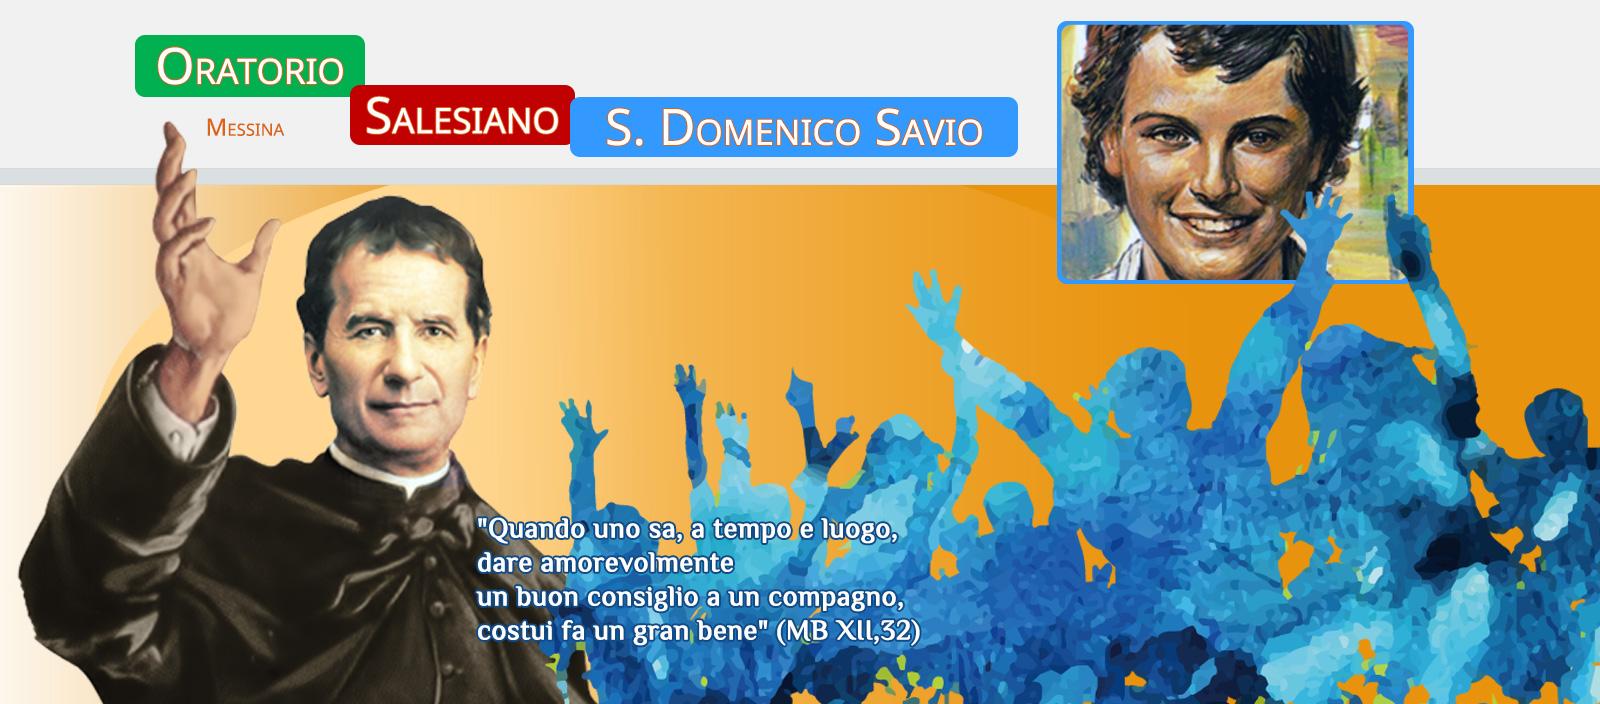 Oratorio Salesiano S. Domenico Savio